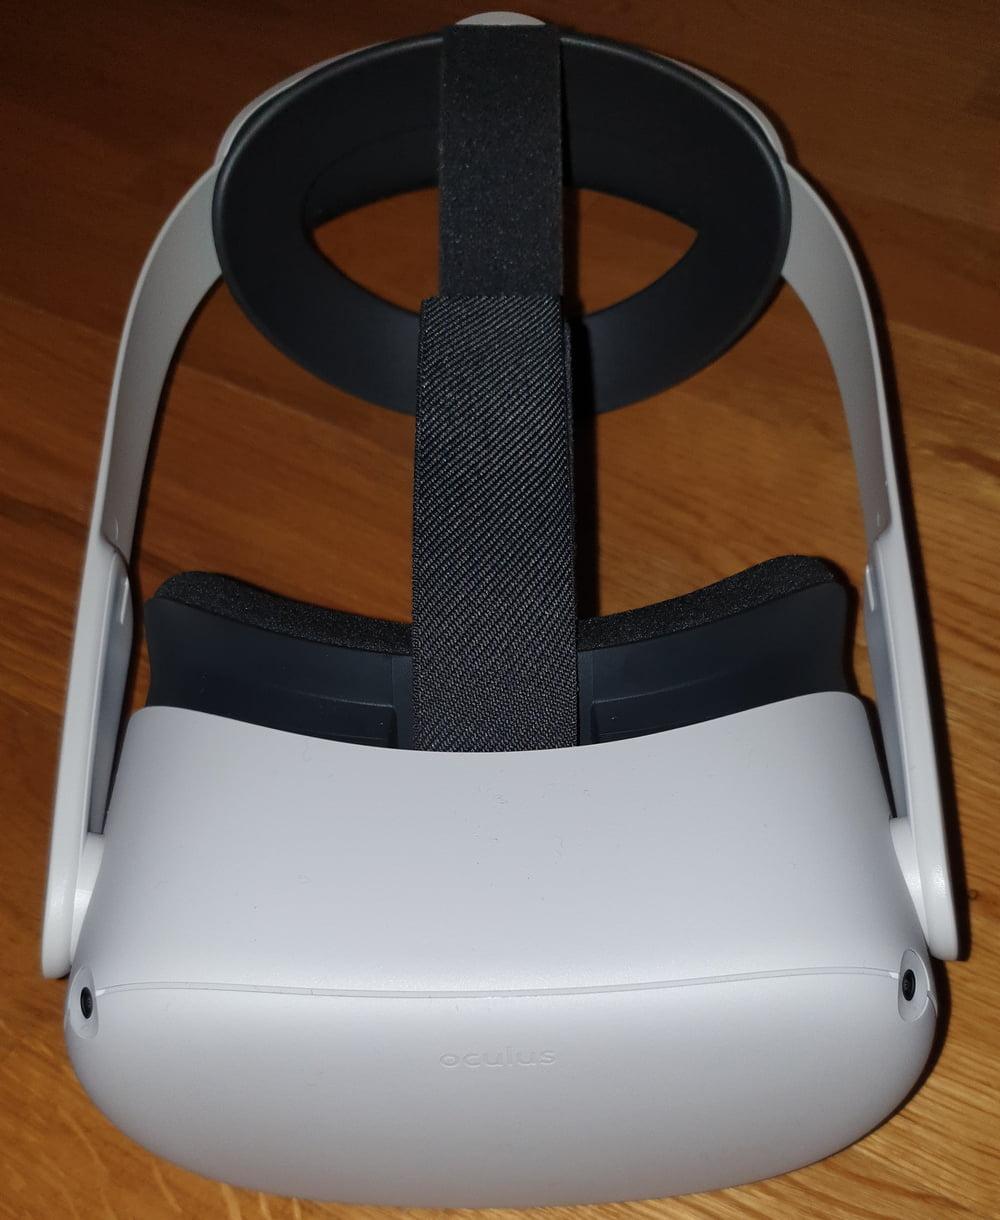 VR-Brille Oculus Quest 2 mit Elite Strap von schräg oben, frontal